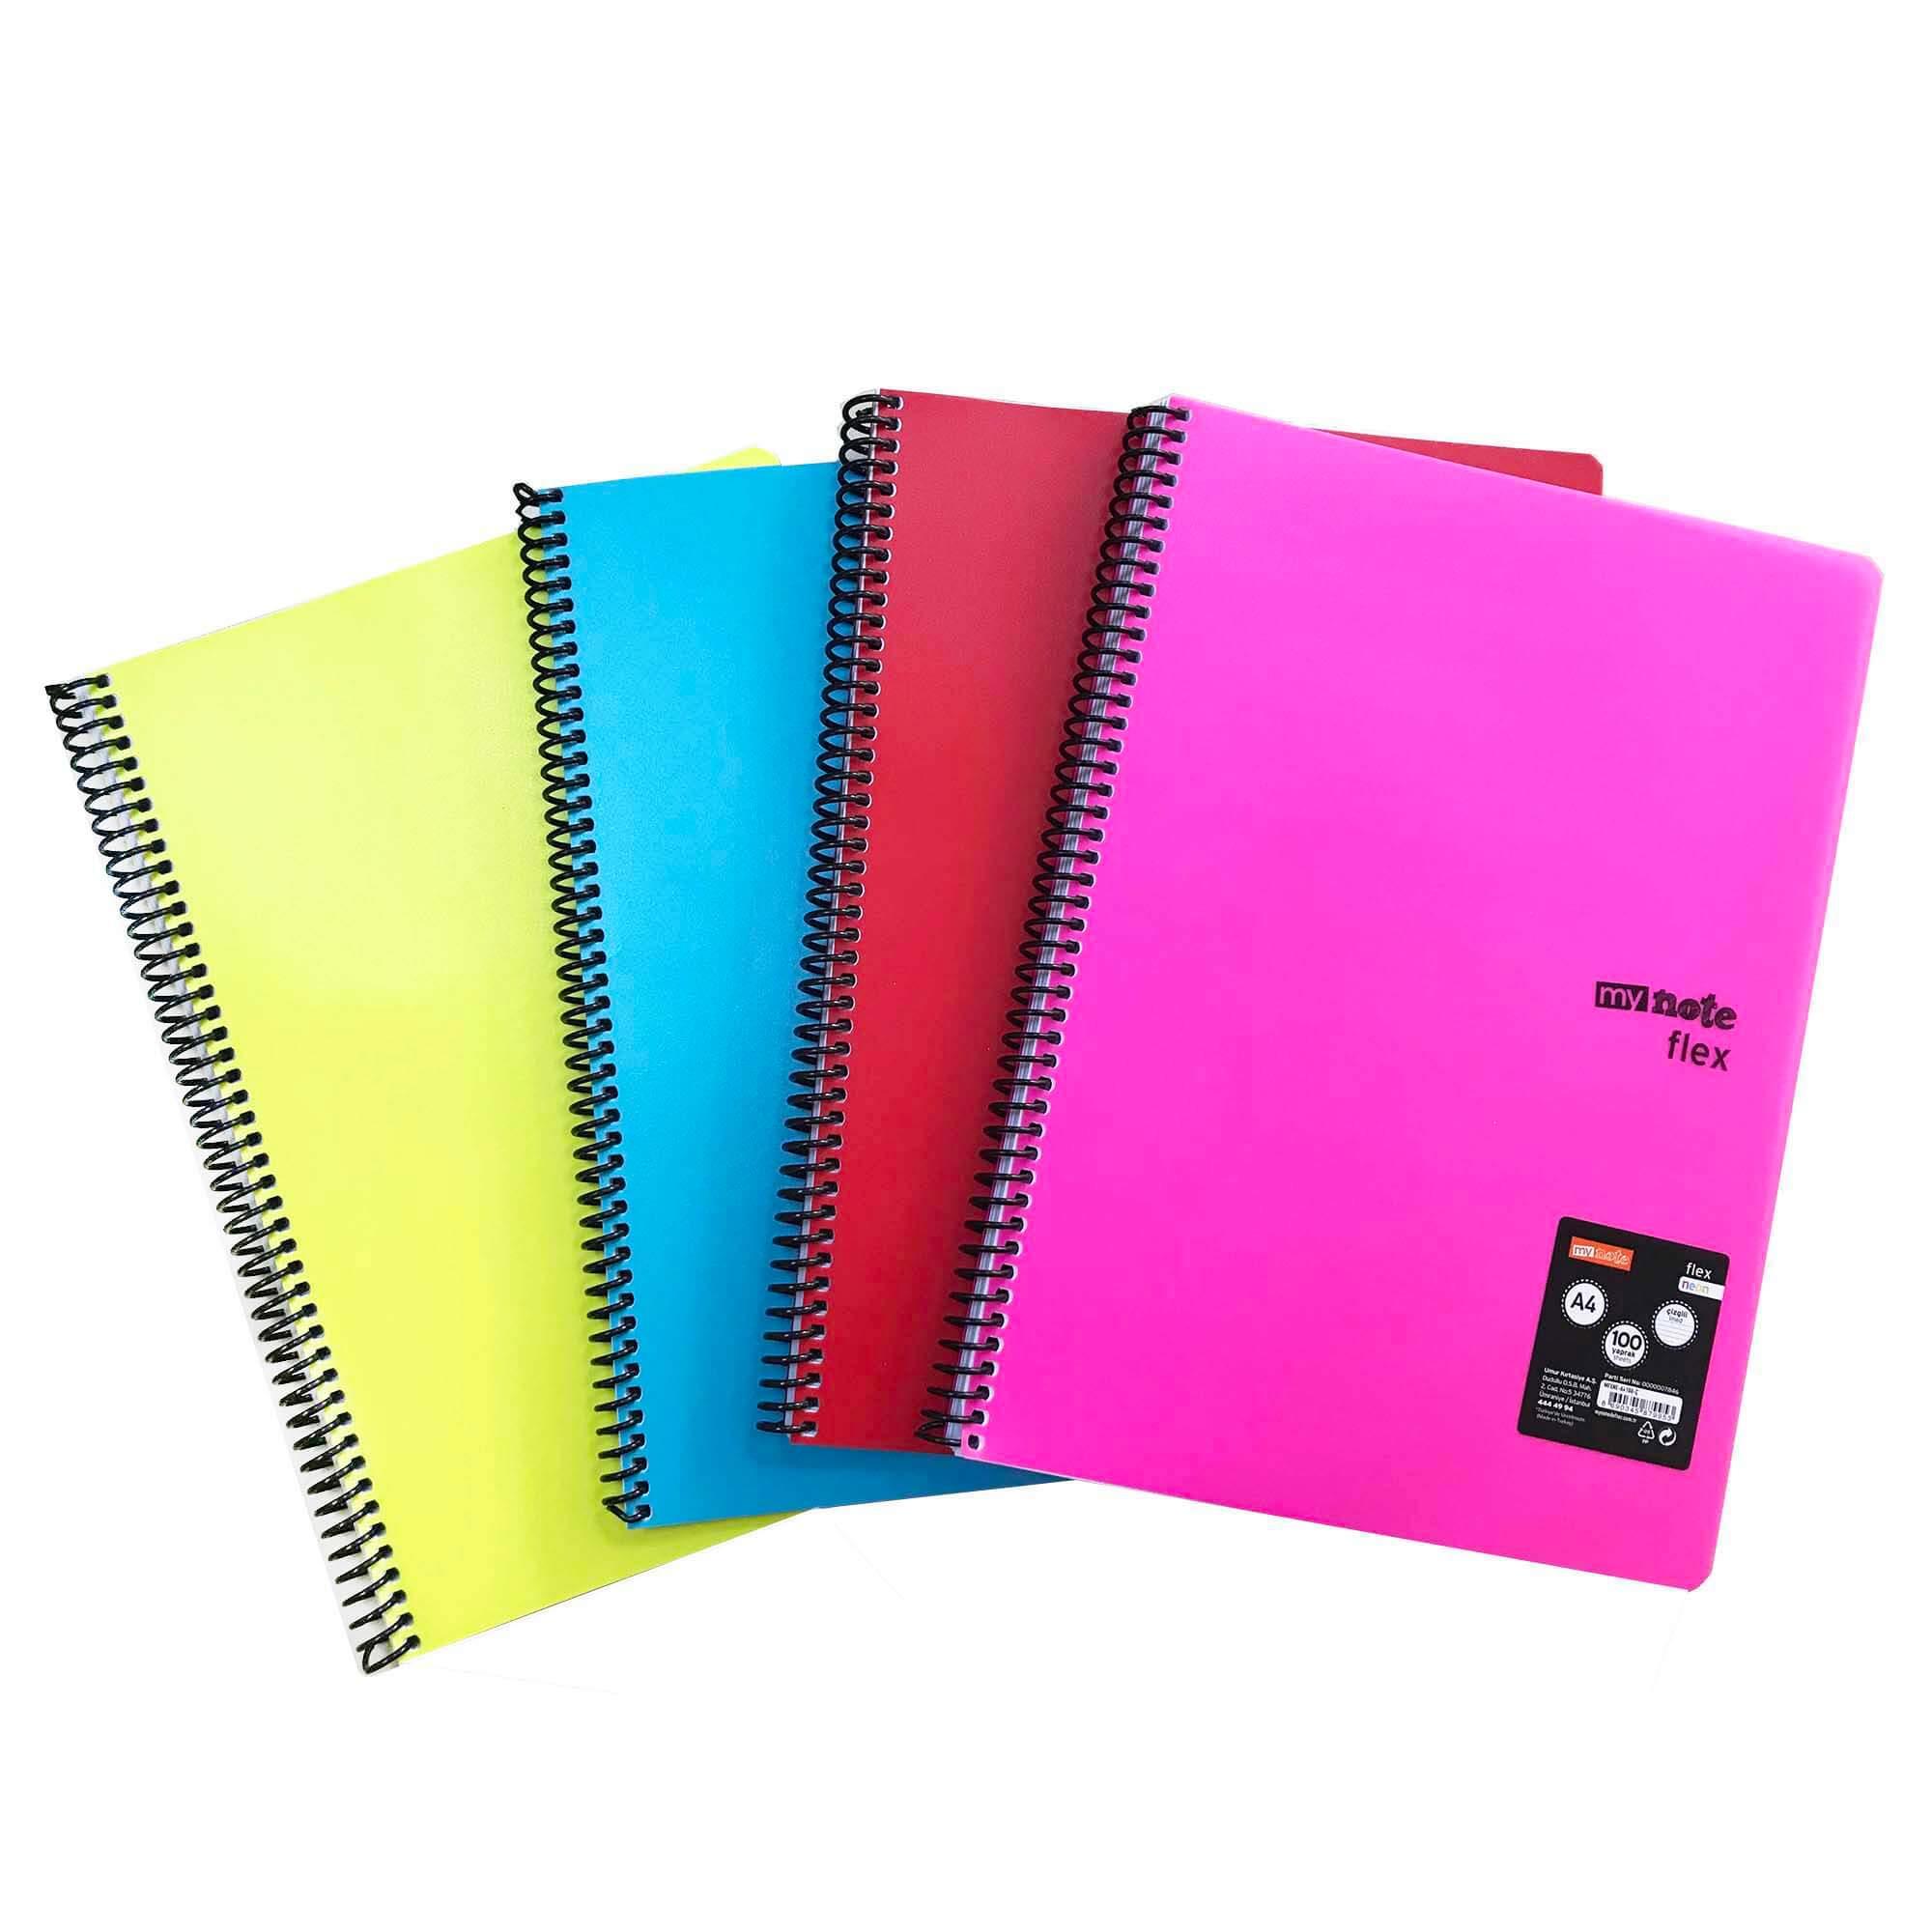 caiet-cu-spira-a4-my-note-flex-100-file-2000x2000